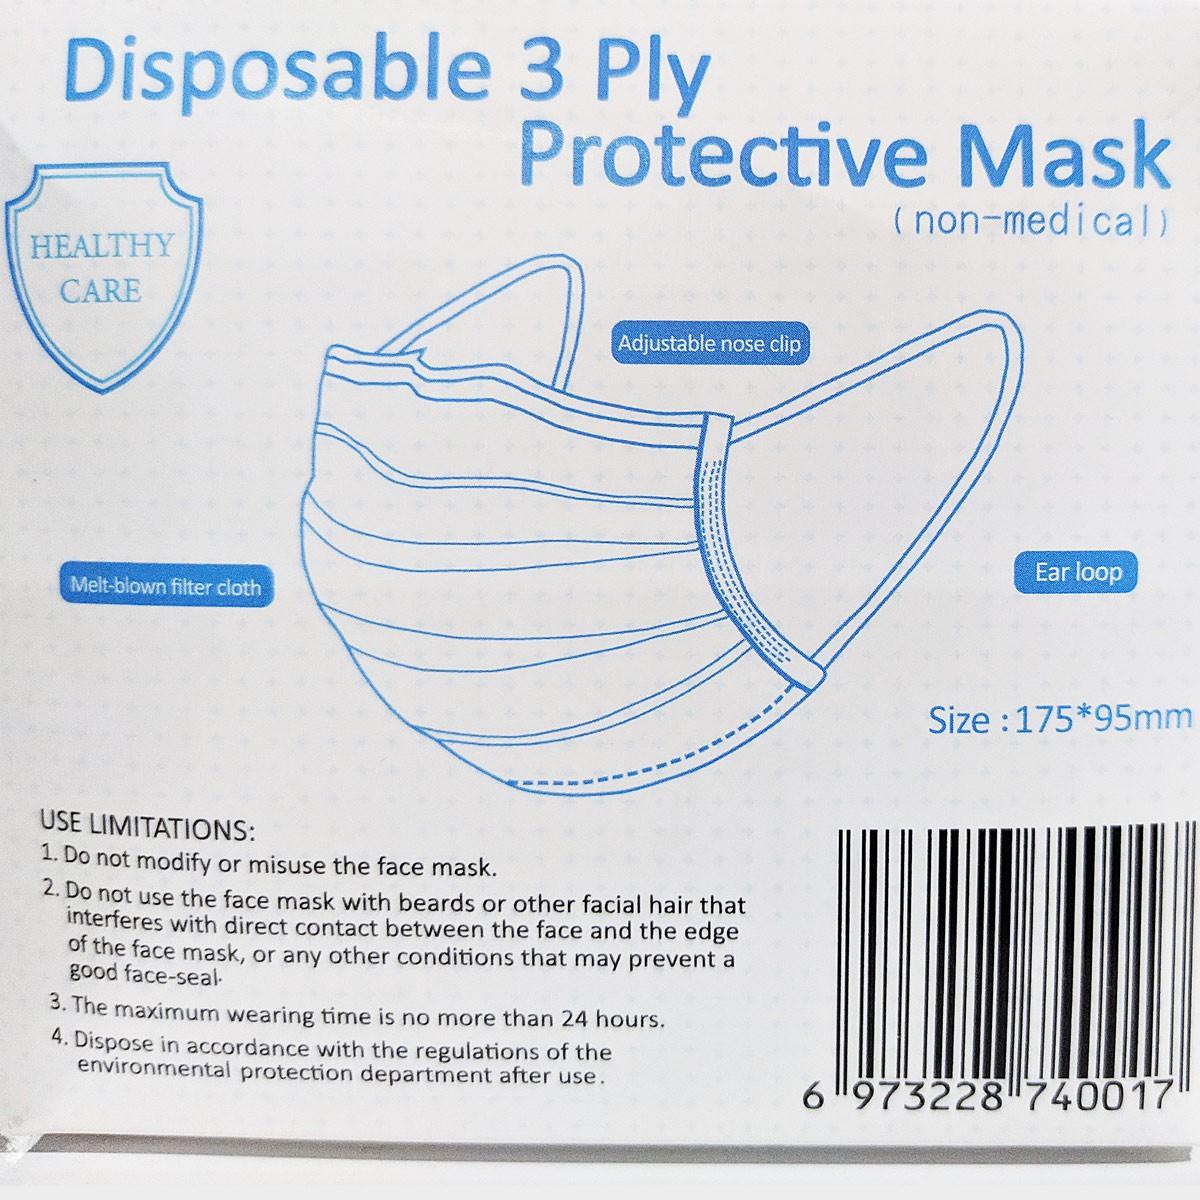 Máscara Facial Importada Com Tripla Camada De Proteção (S. M. S.) Cx 50 Unid  - Loja Saúde - Diagnósticos e Produtos Naturais